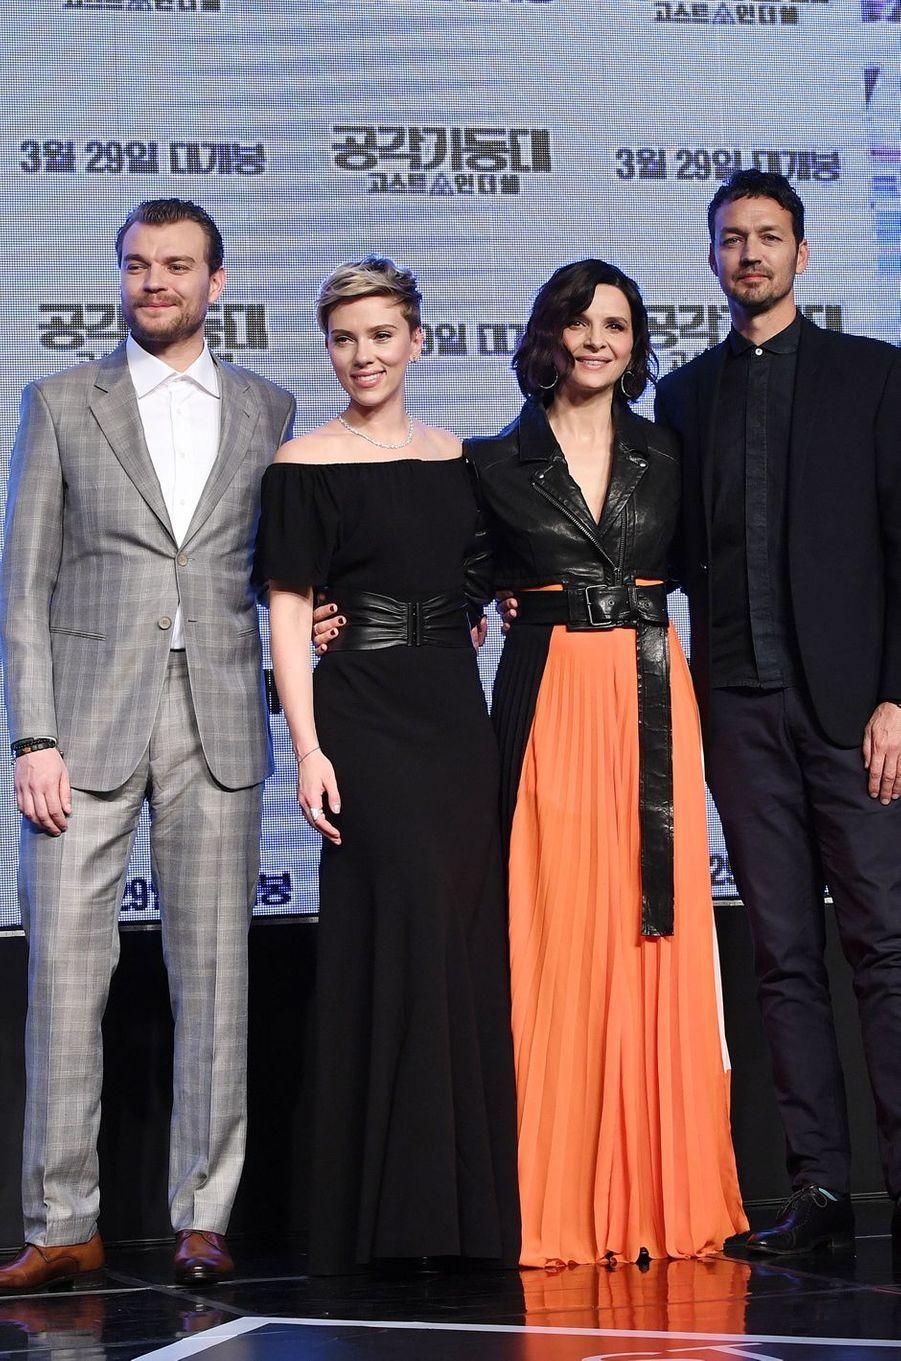 Pilou Asbaek,Scarlett Johansson, Juliette Binoche et Rupert Sanders à Séoul, le 17 mars 2017.